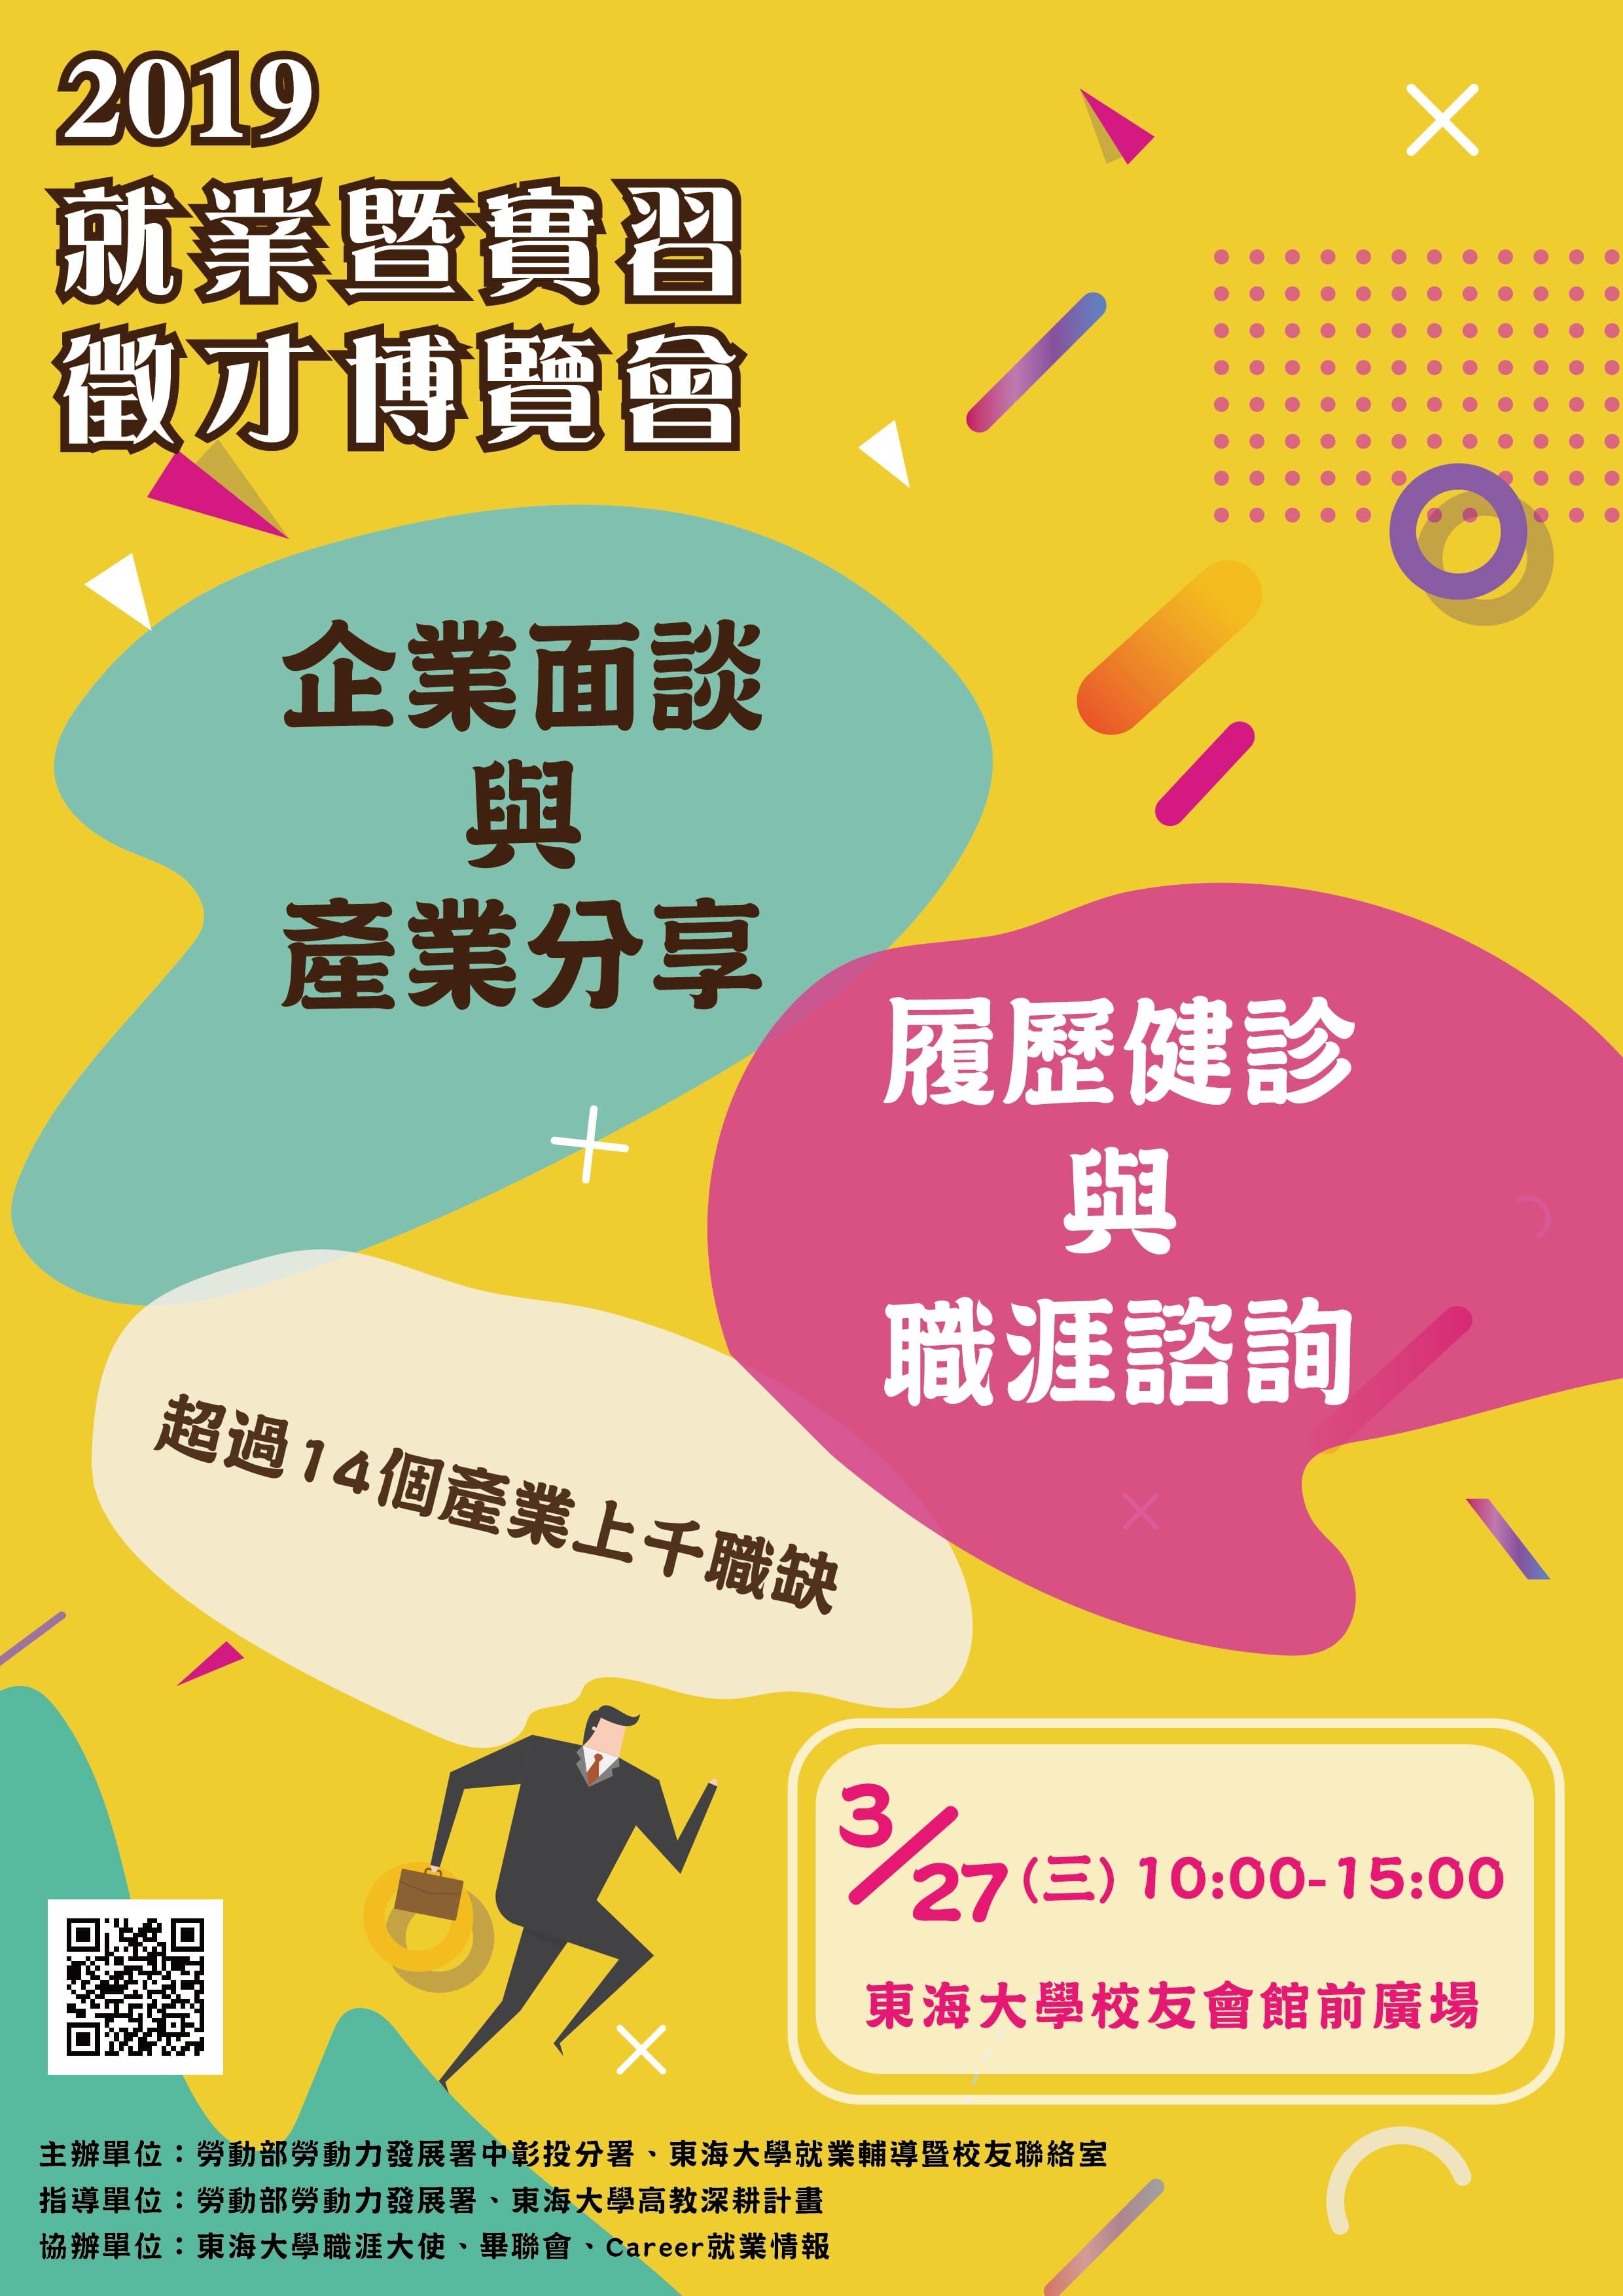 東海大學2019校園就業暨實習徵才博覽會(發佈日期2019-03-13)